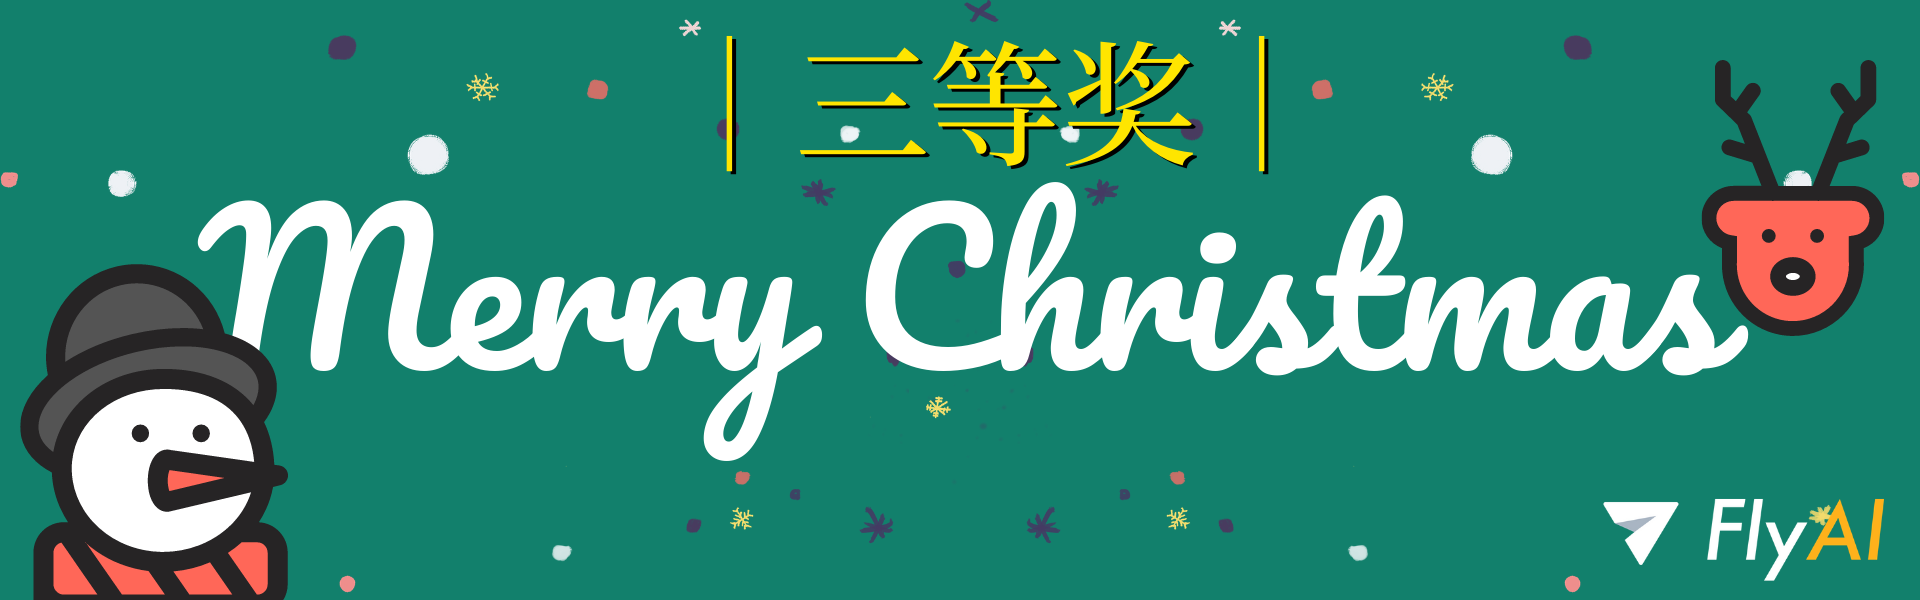 红黑色城市圣诞夜景插画手绘平安夜节日促销中文电商banner (2).png